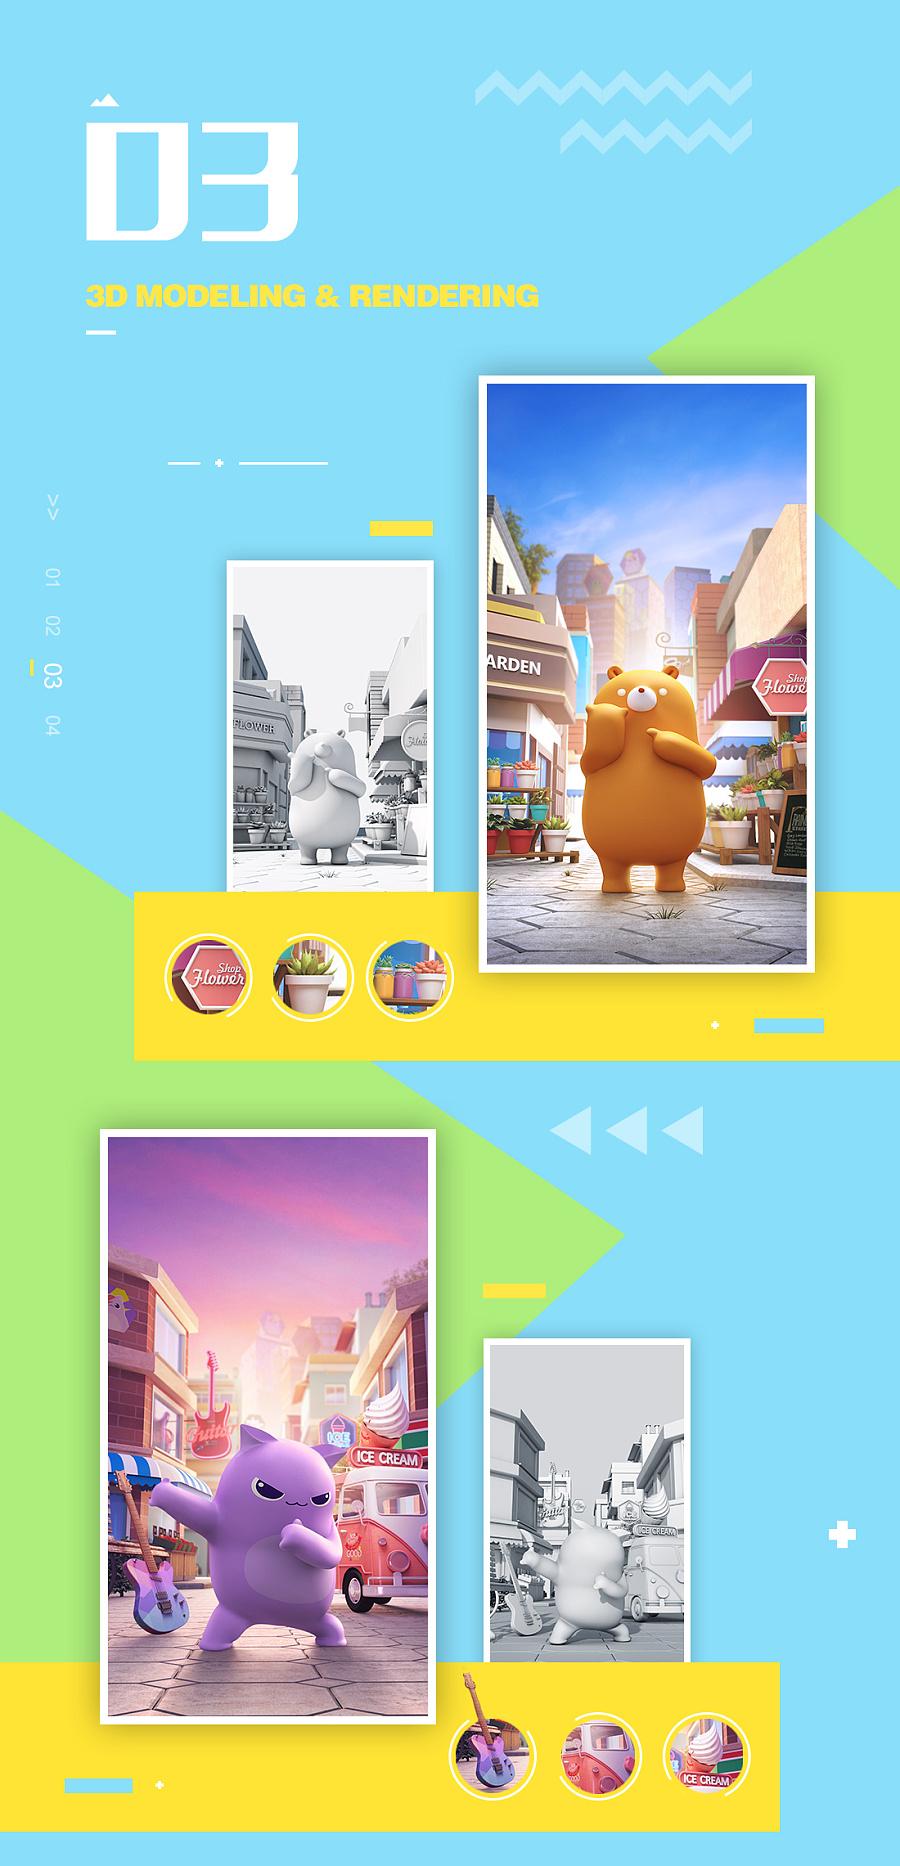 查看《WISEMIND - 消除者联盟3D品牌H5》原图,原图尺寸:1100x2281